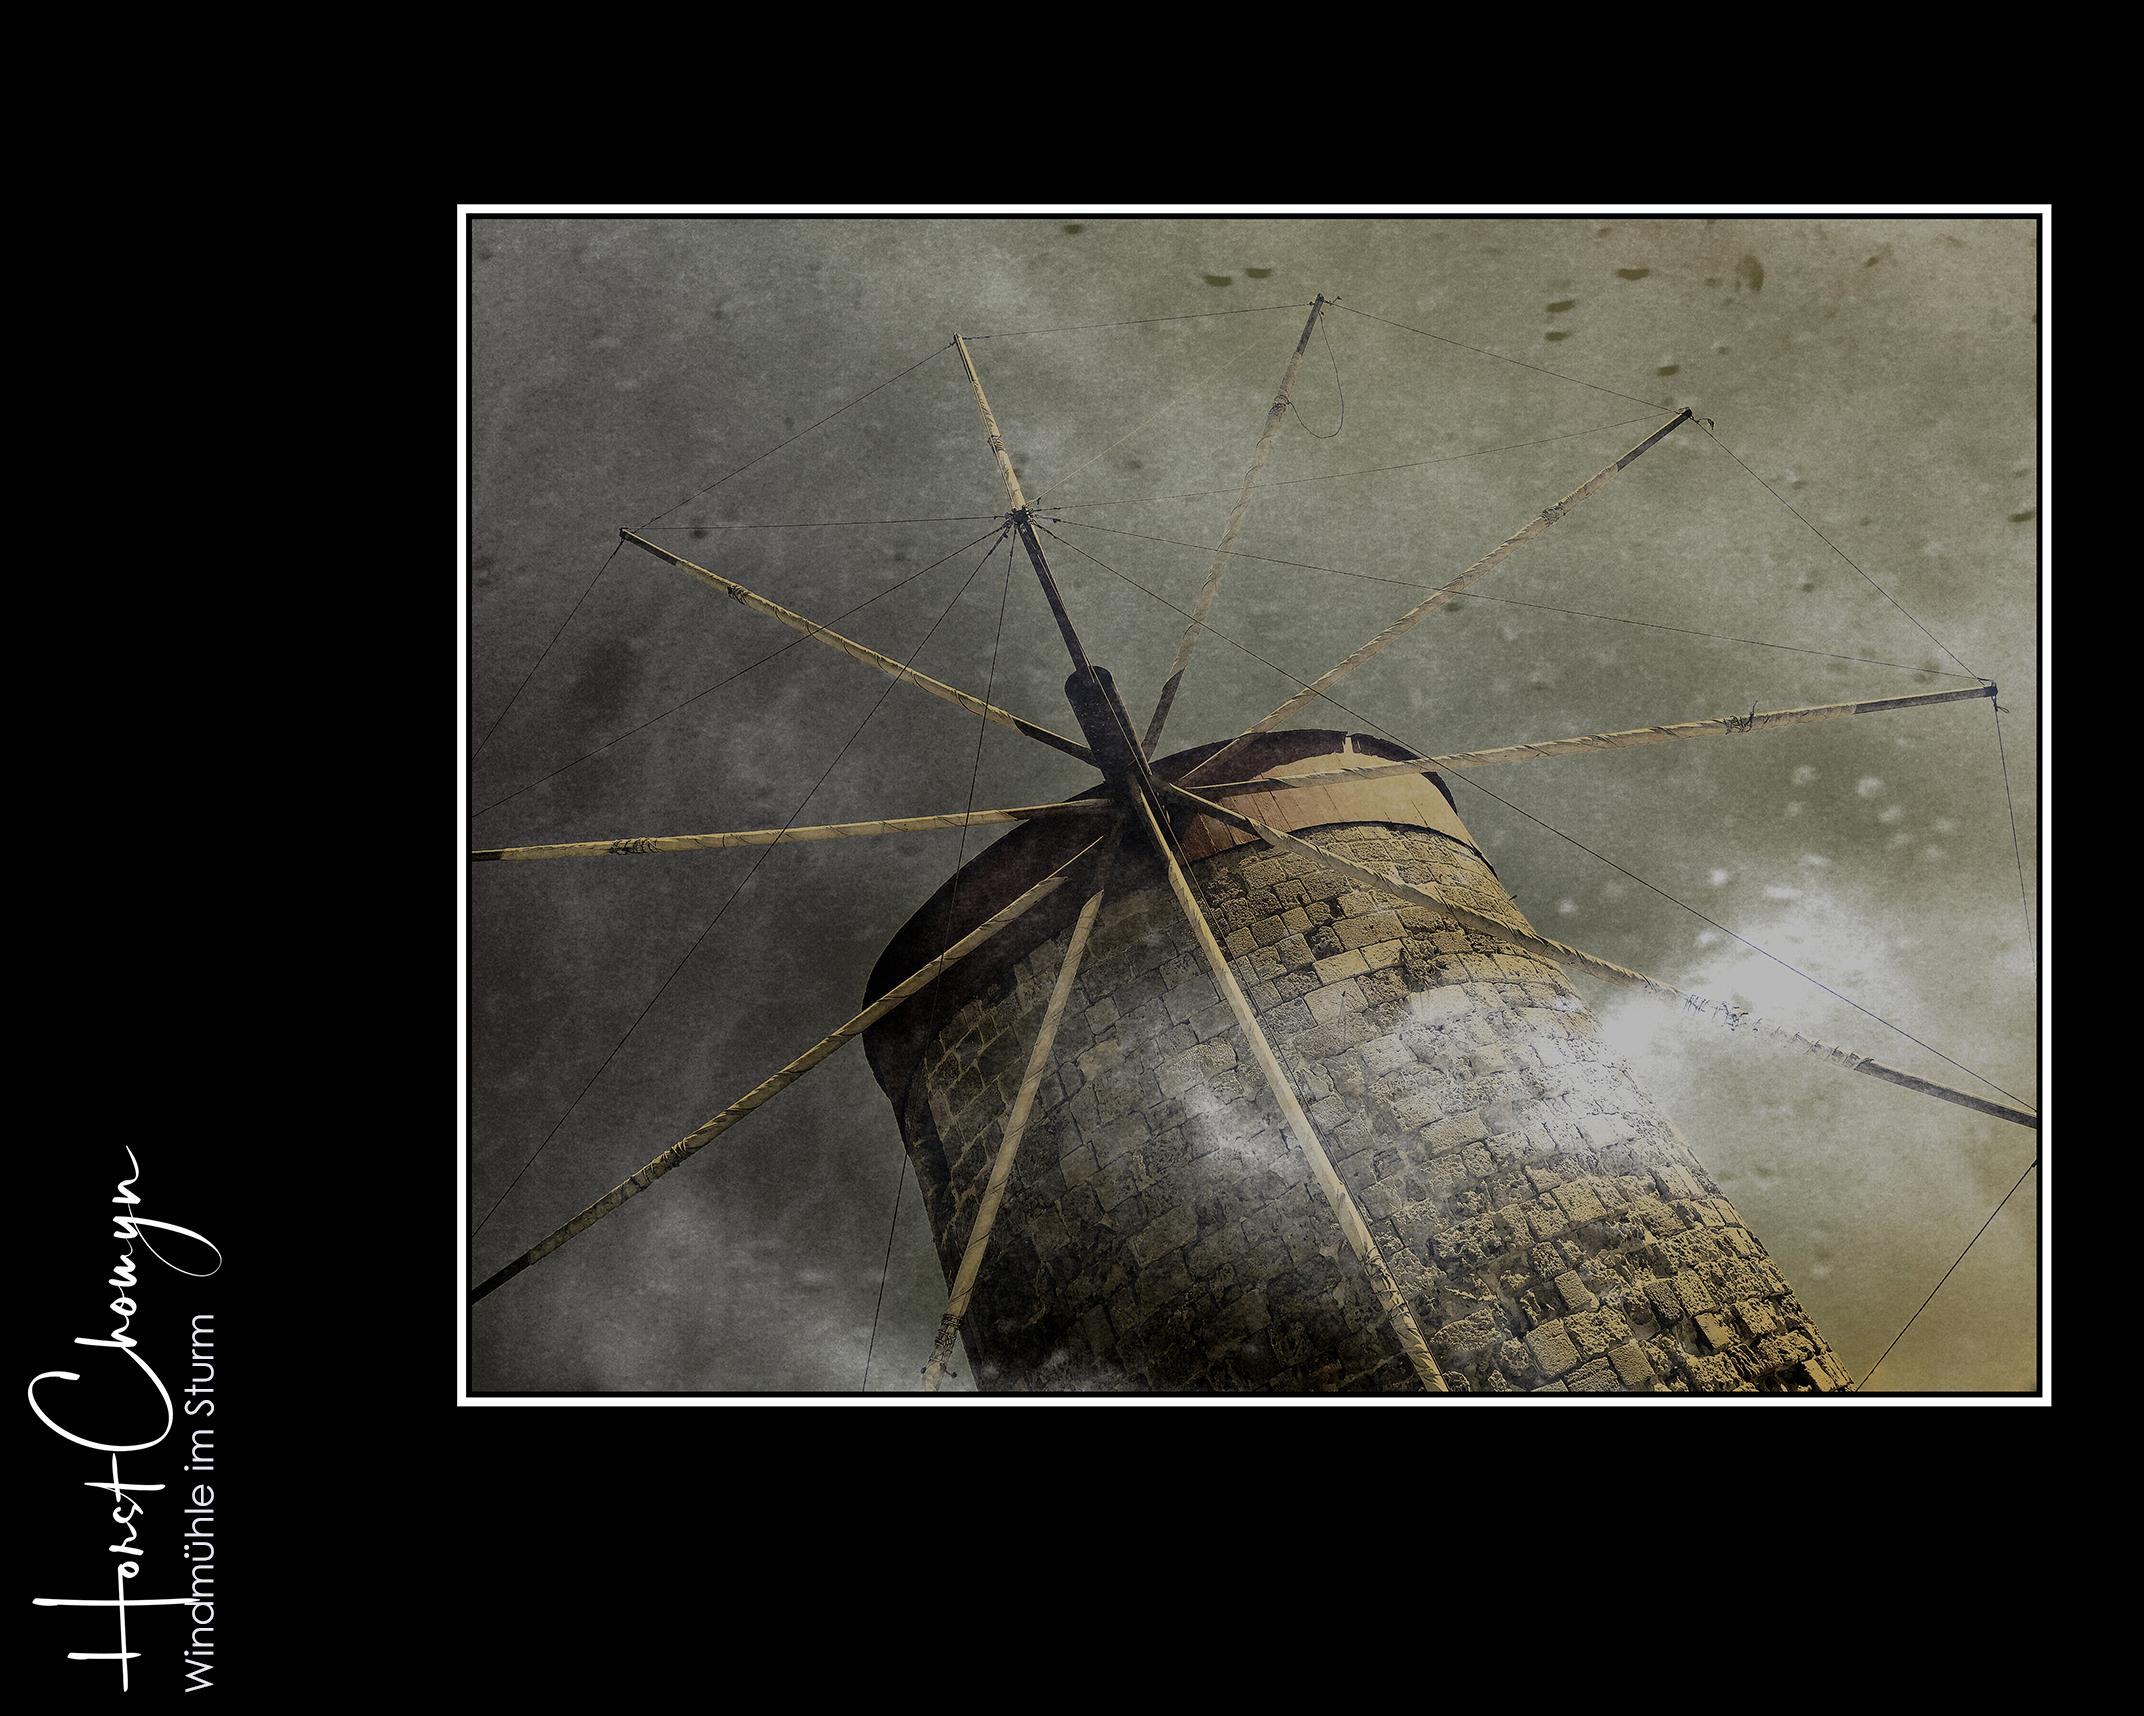 Windmühle im Sturm